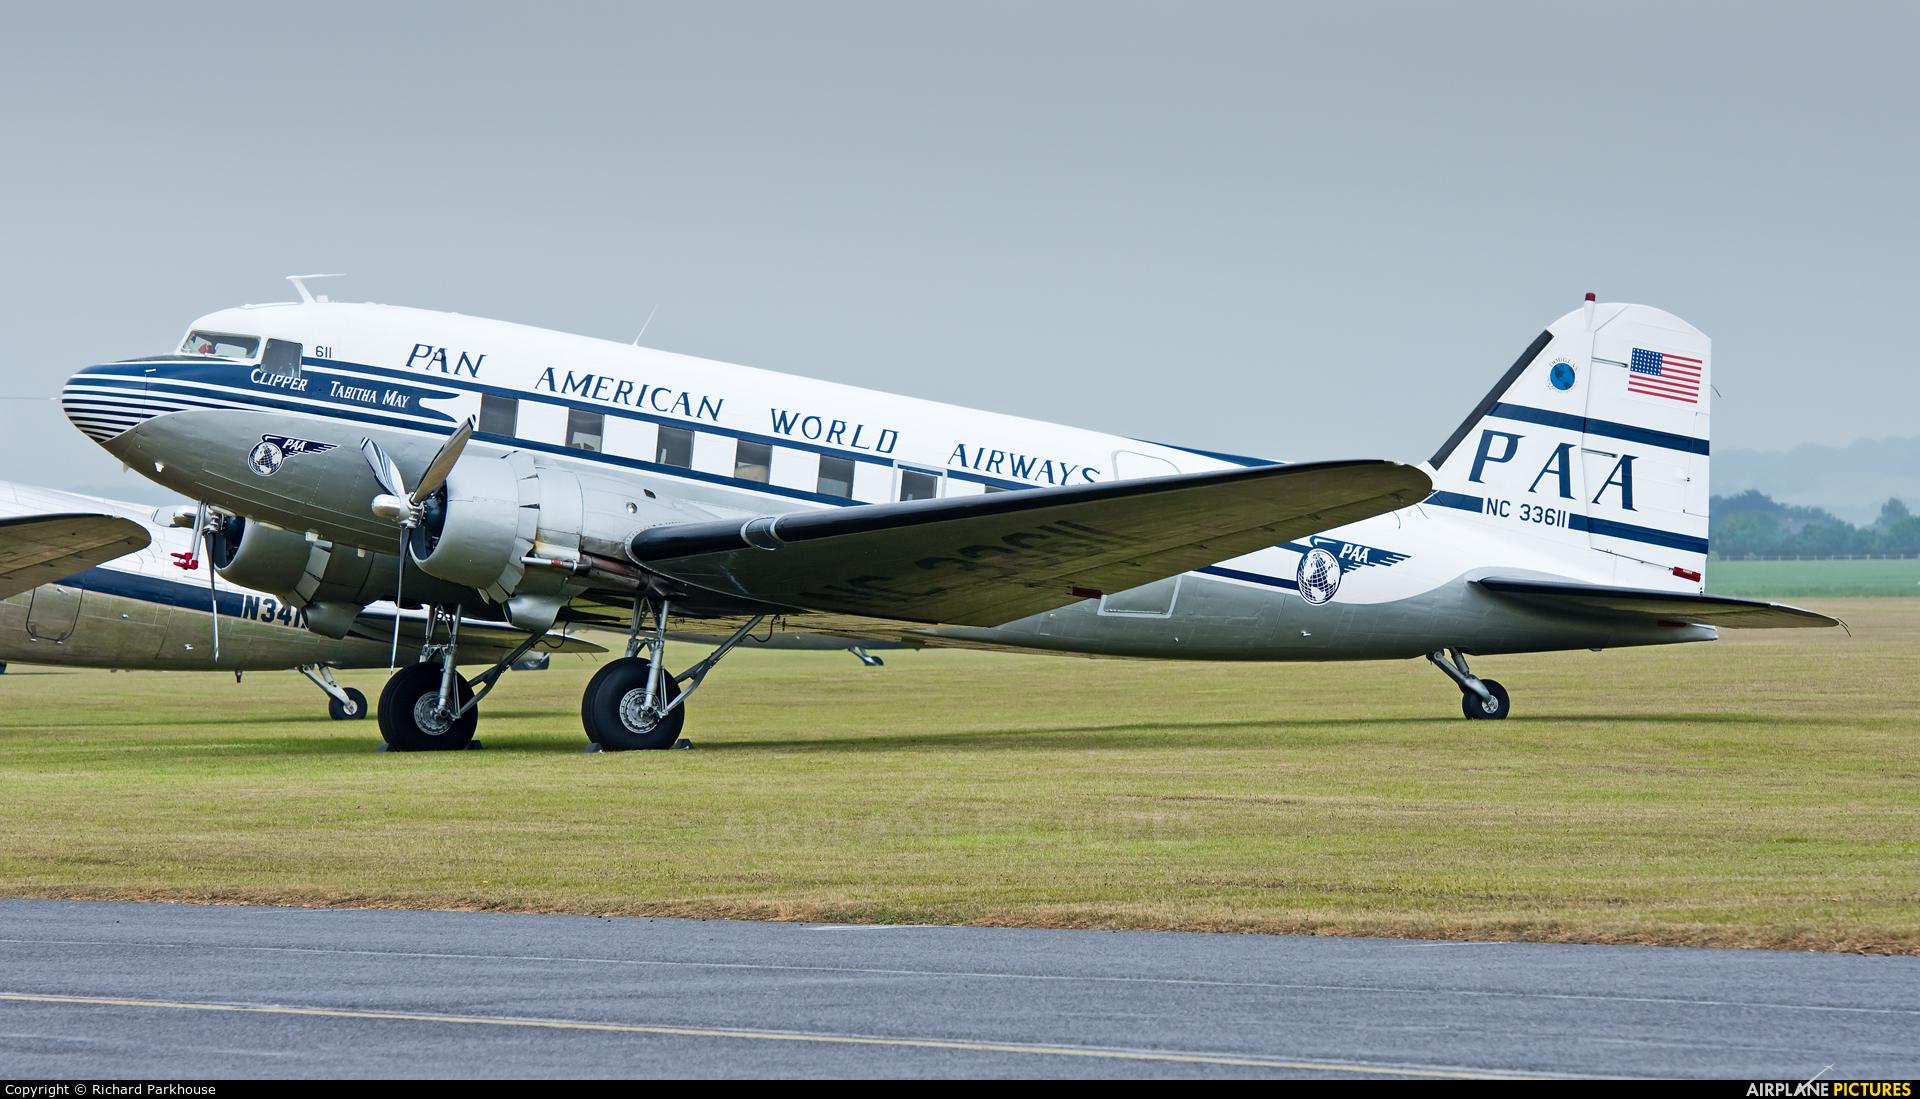 Pan Am NC33611 aircraft at Duxford